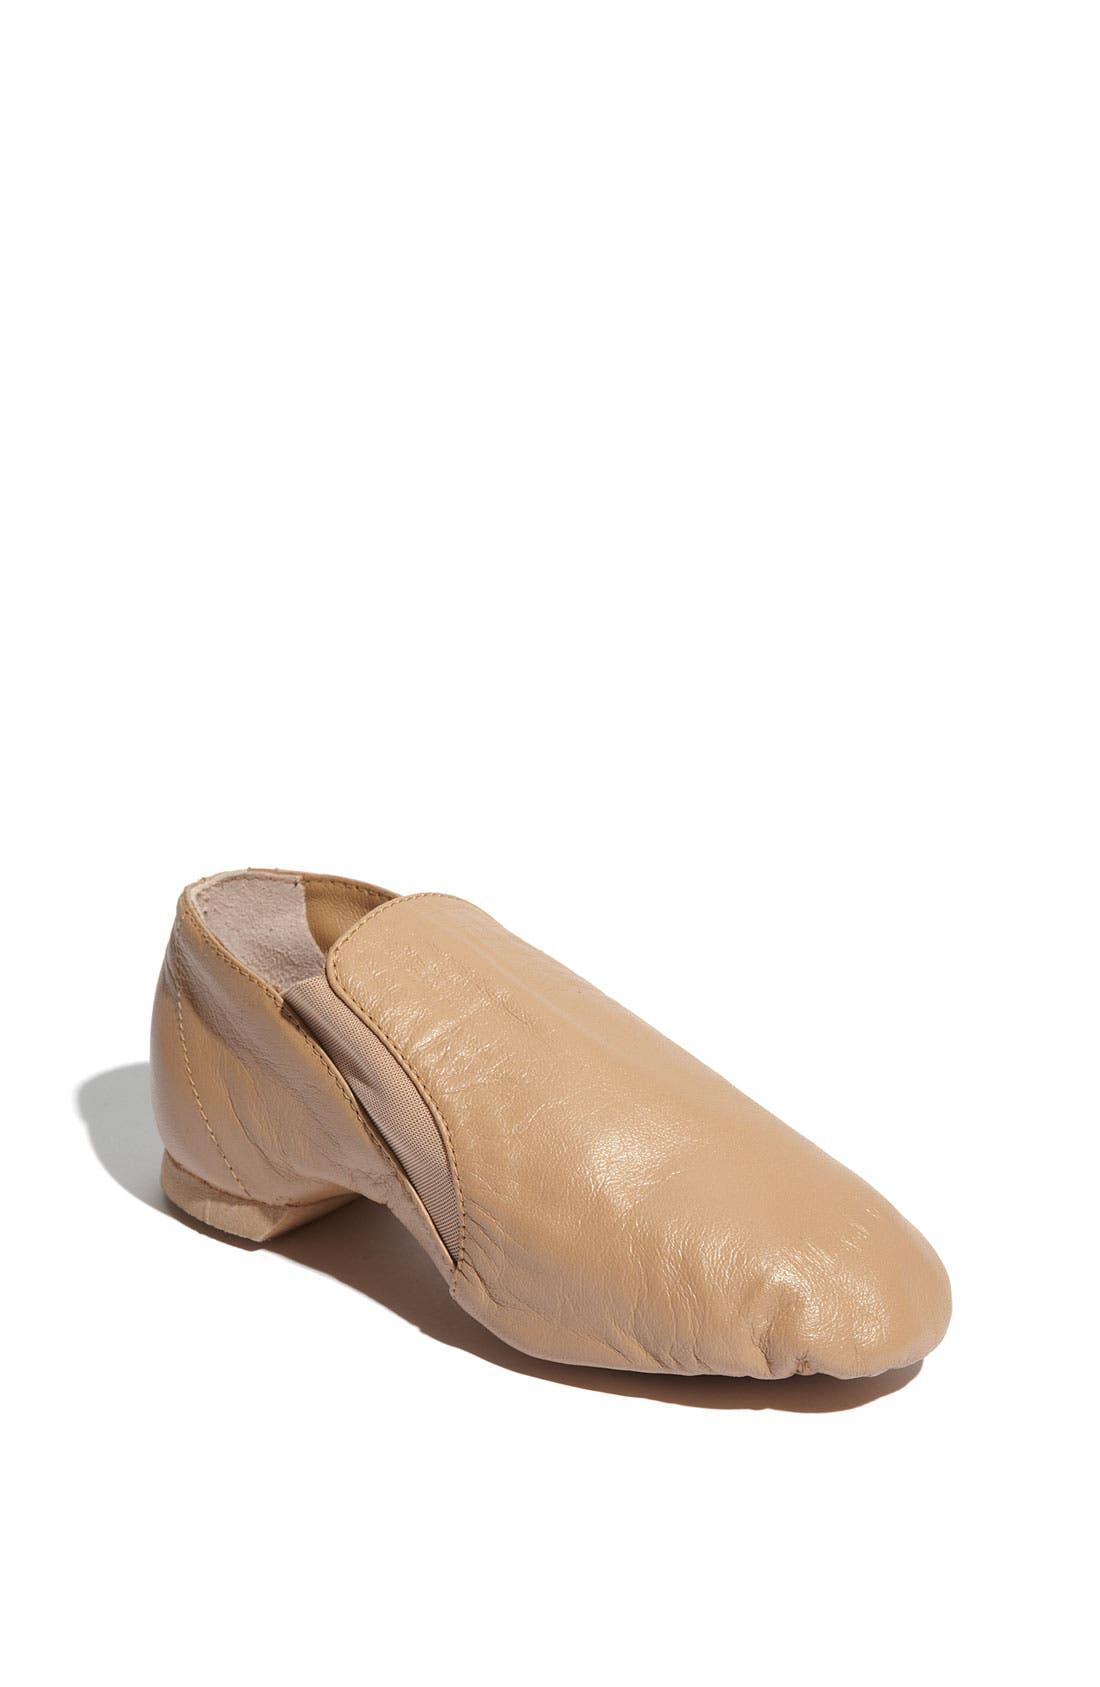 Main Image - Bloch 'Elasta Bootie' Jazz Shoe (Toddler, Little Kid & Big Kid)